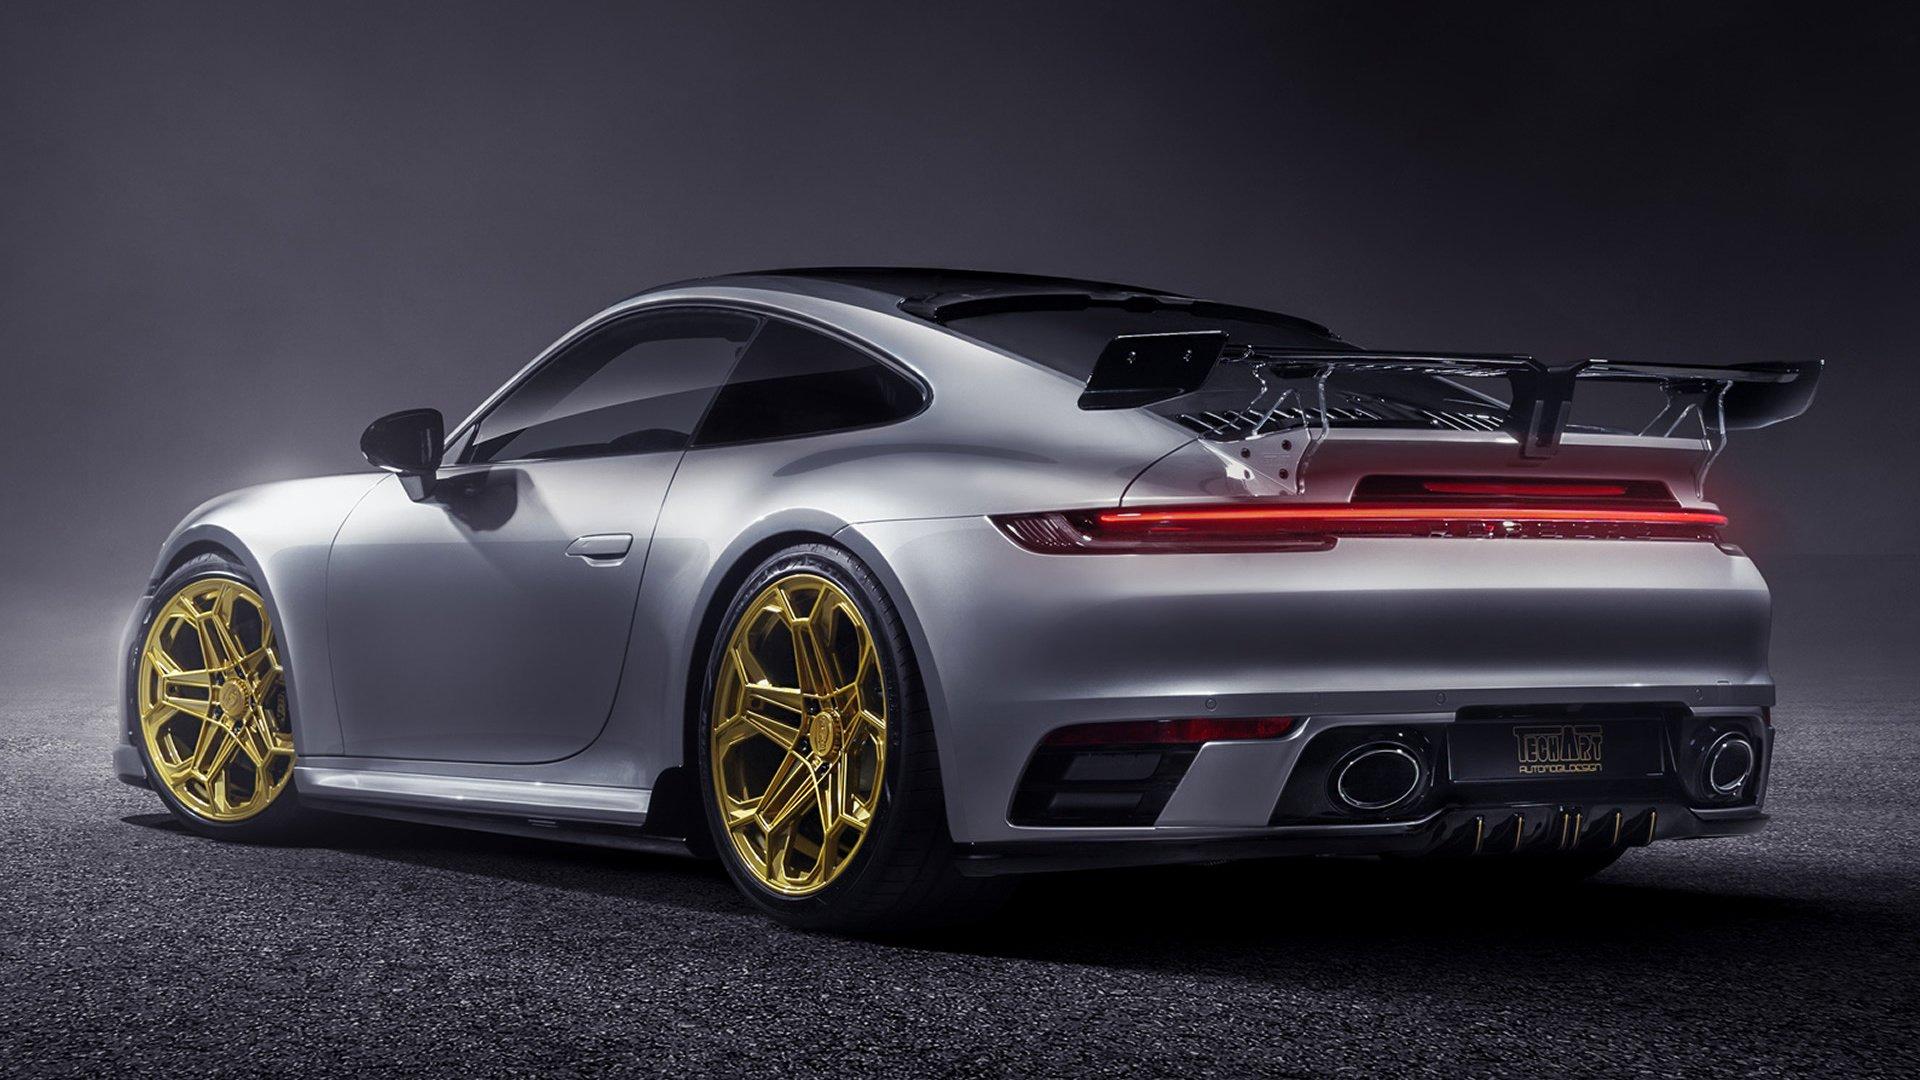 2019 Porsche 911 992 Carrera S By Techart Fond D Ecran Hd Arriere Plan 1920x1080 Id 1049662 Wallpaper Abyss